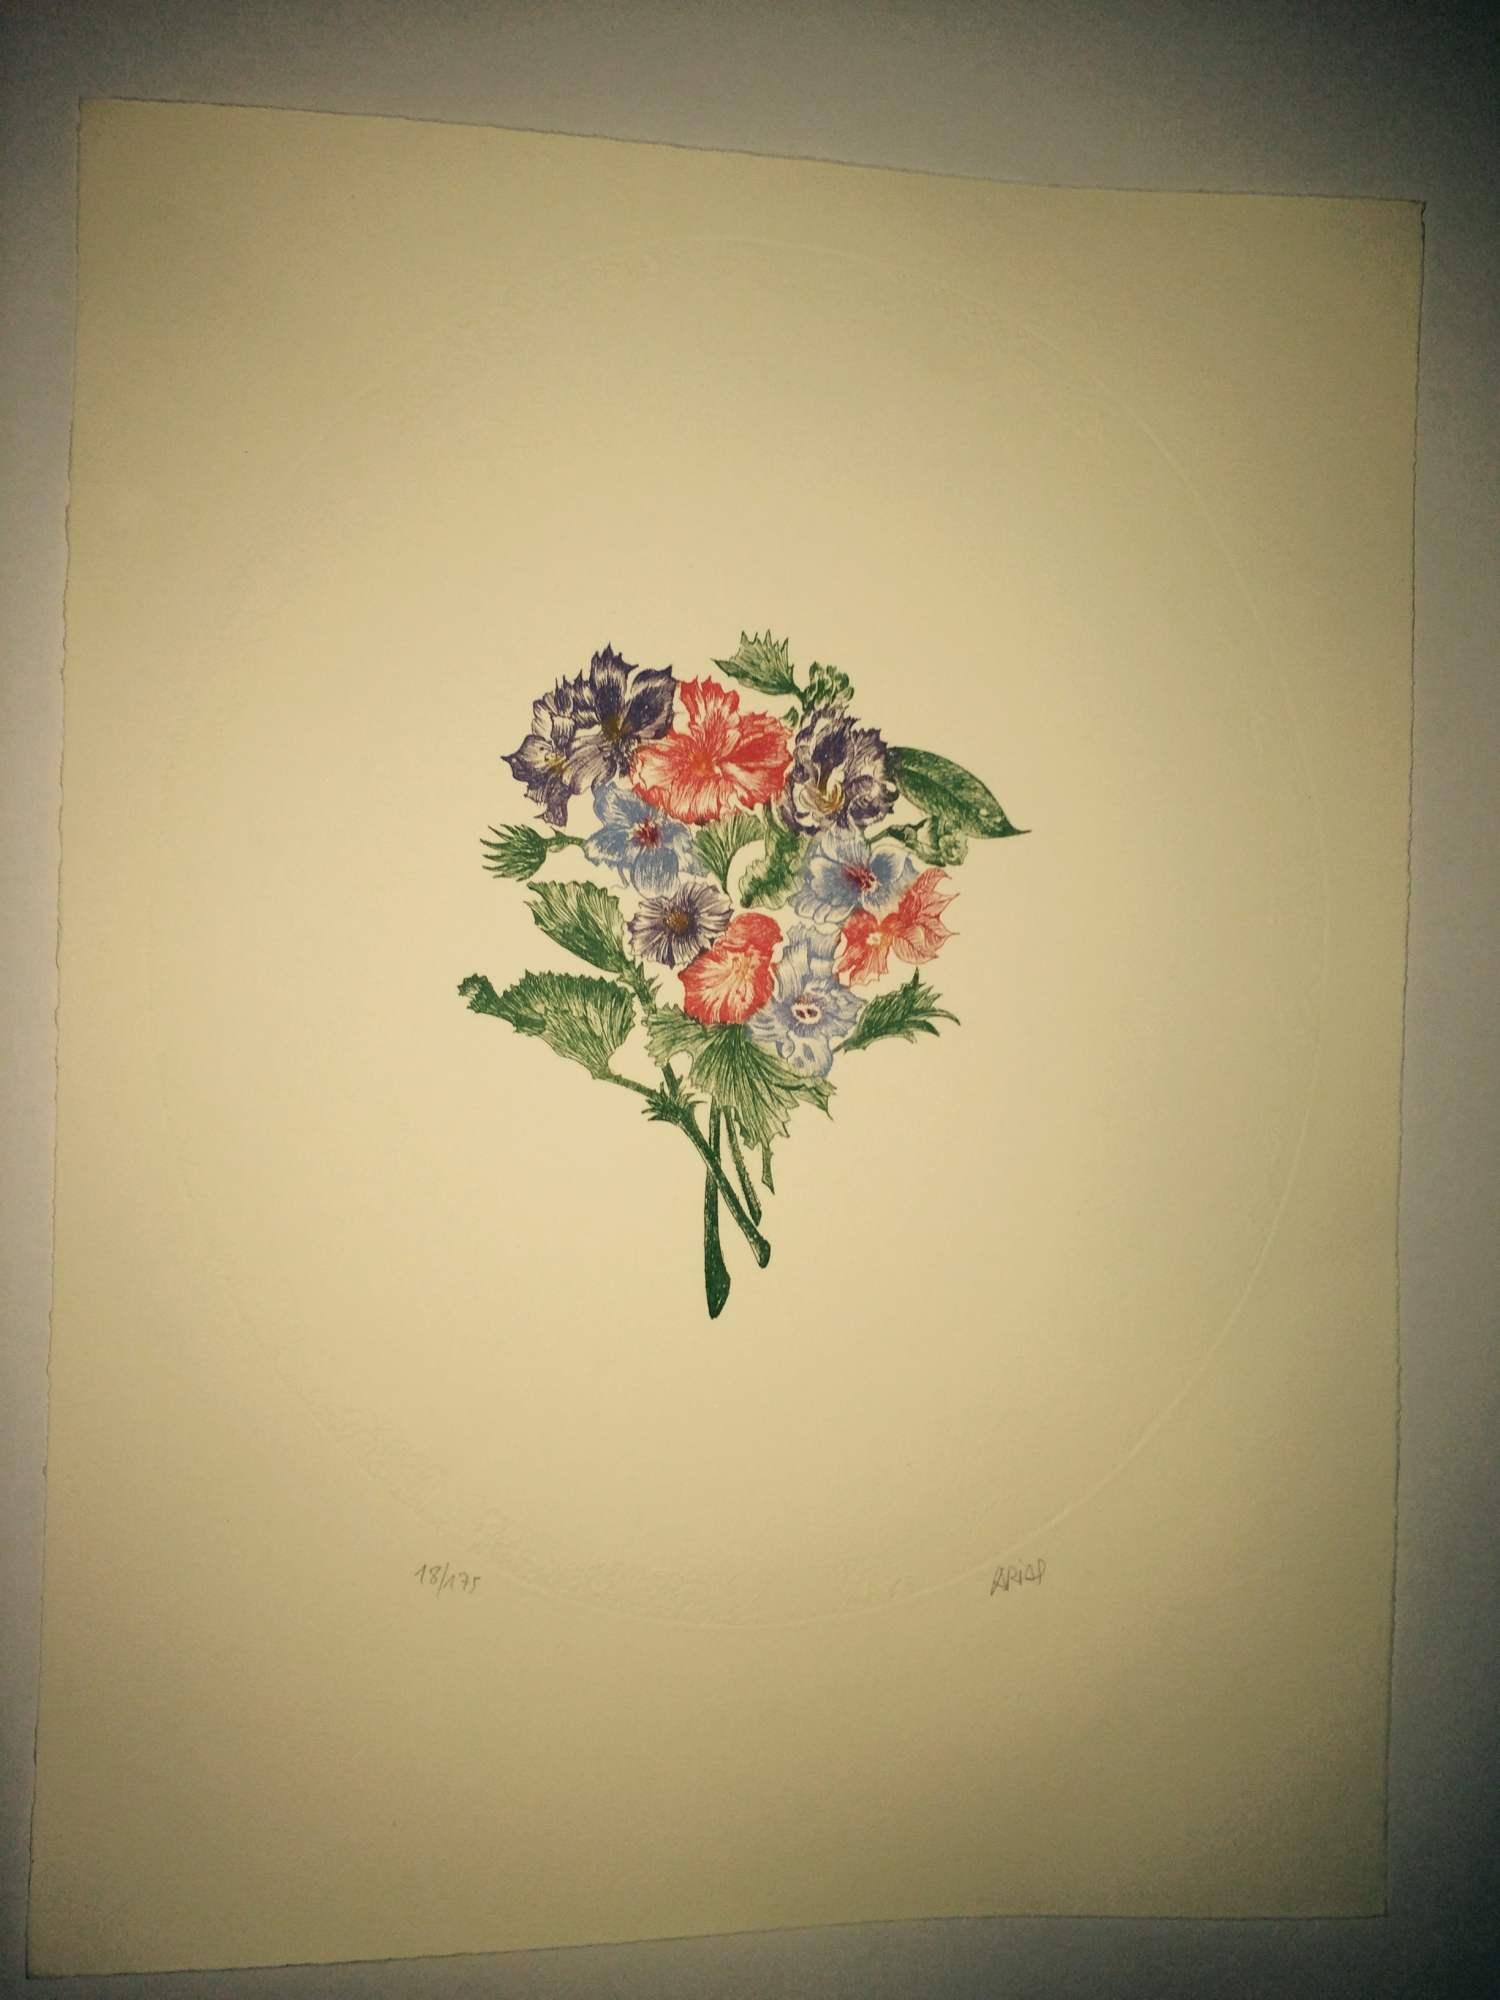 Varias Flores Moradas, Verdes Y Rojas